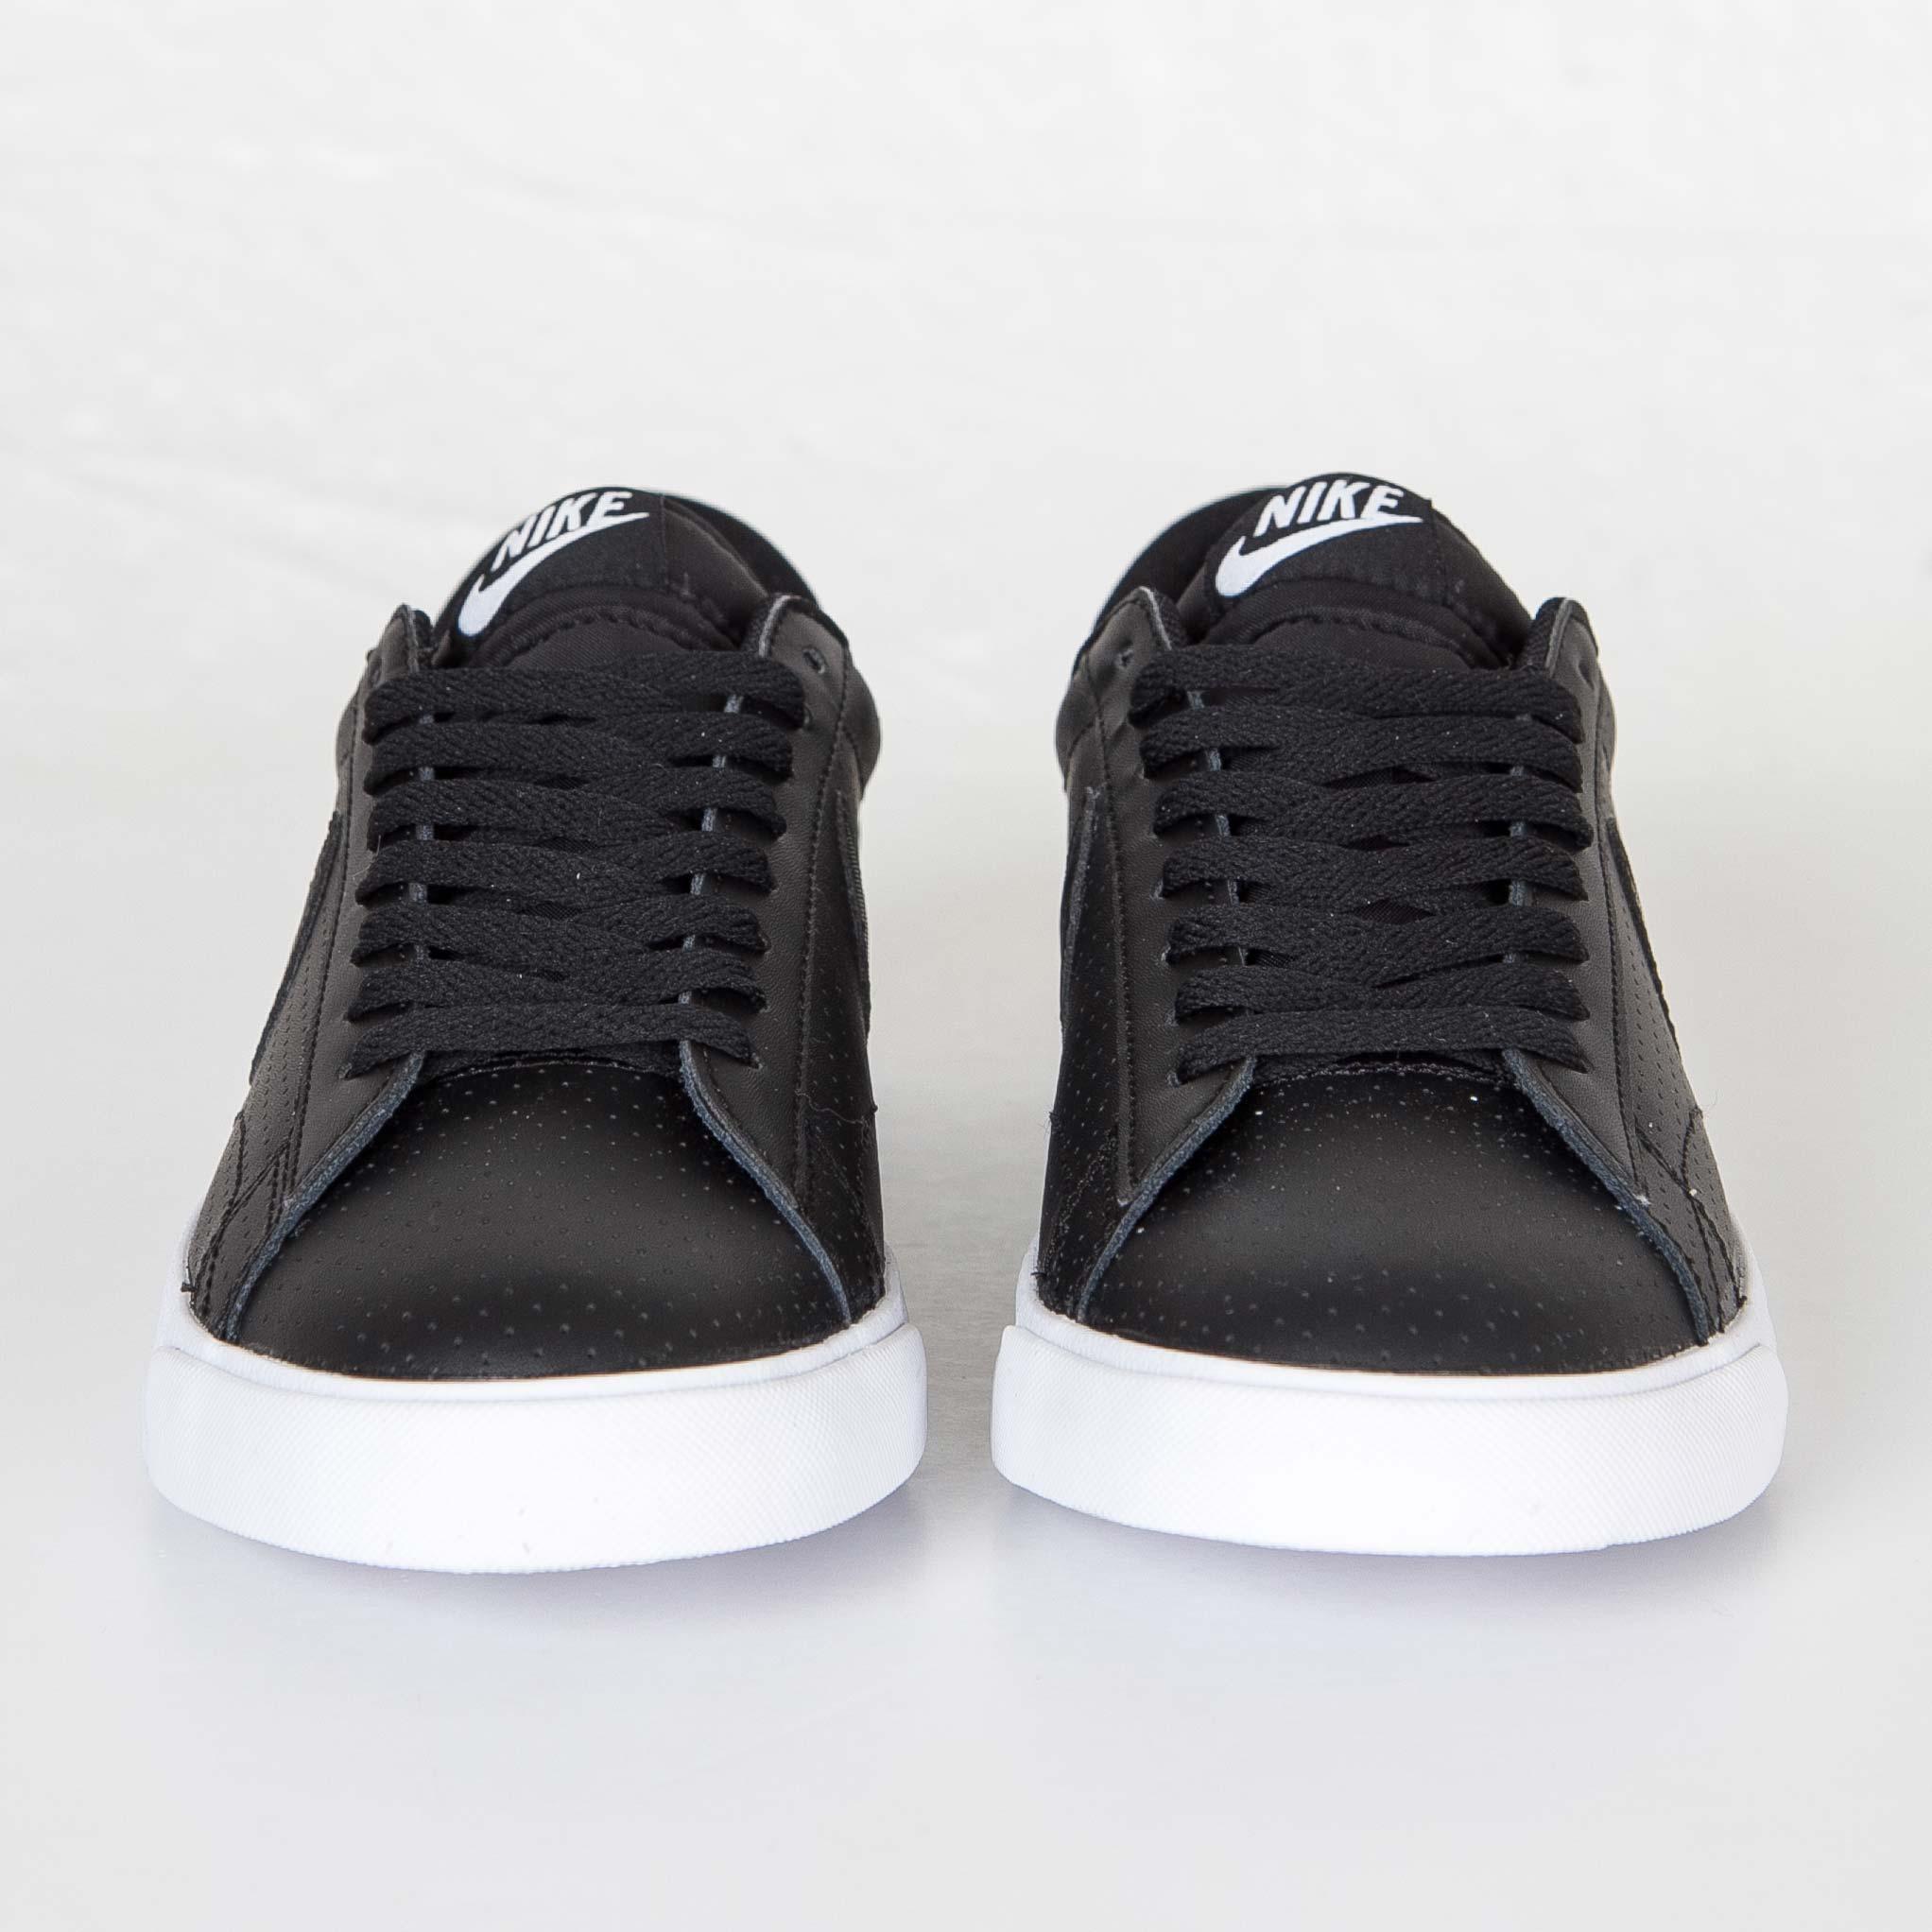 best service dd037 cba76 Nike Tennis Classic AC ND - 377812-038 - Sneakersnstuff   sneakers    streetwear online since 1999